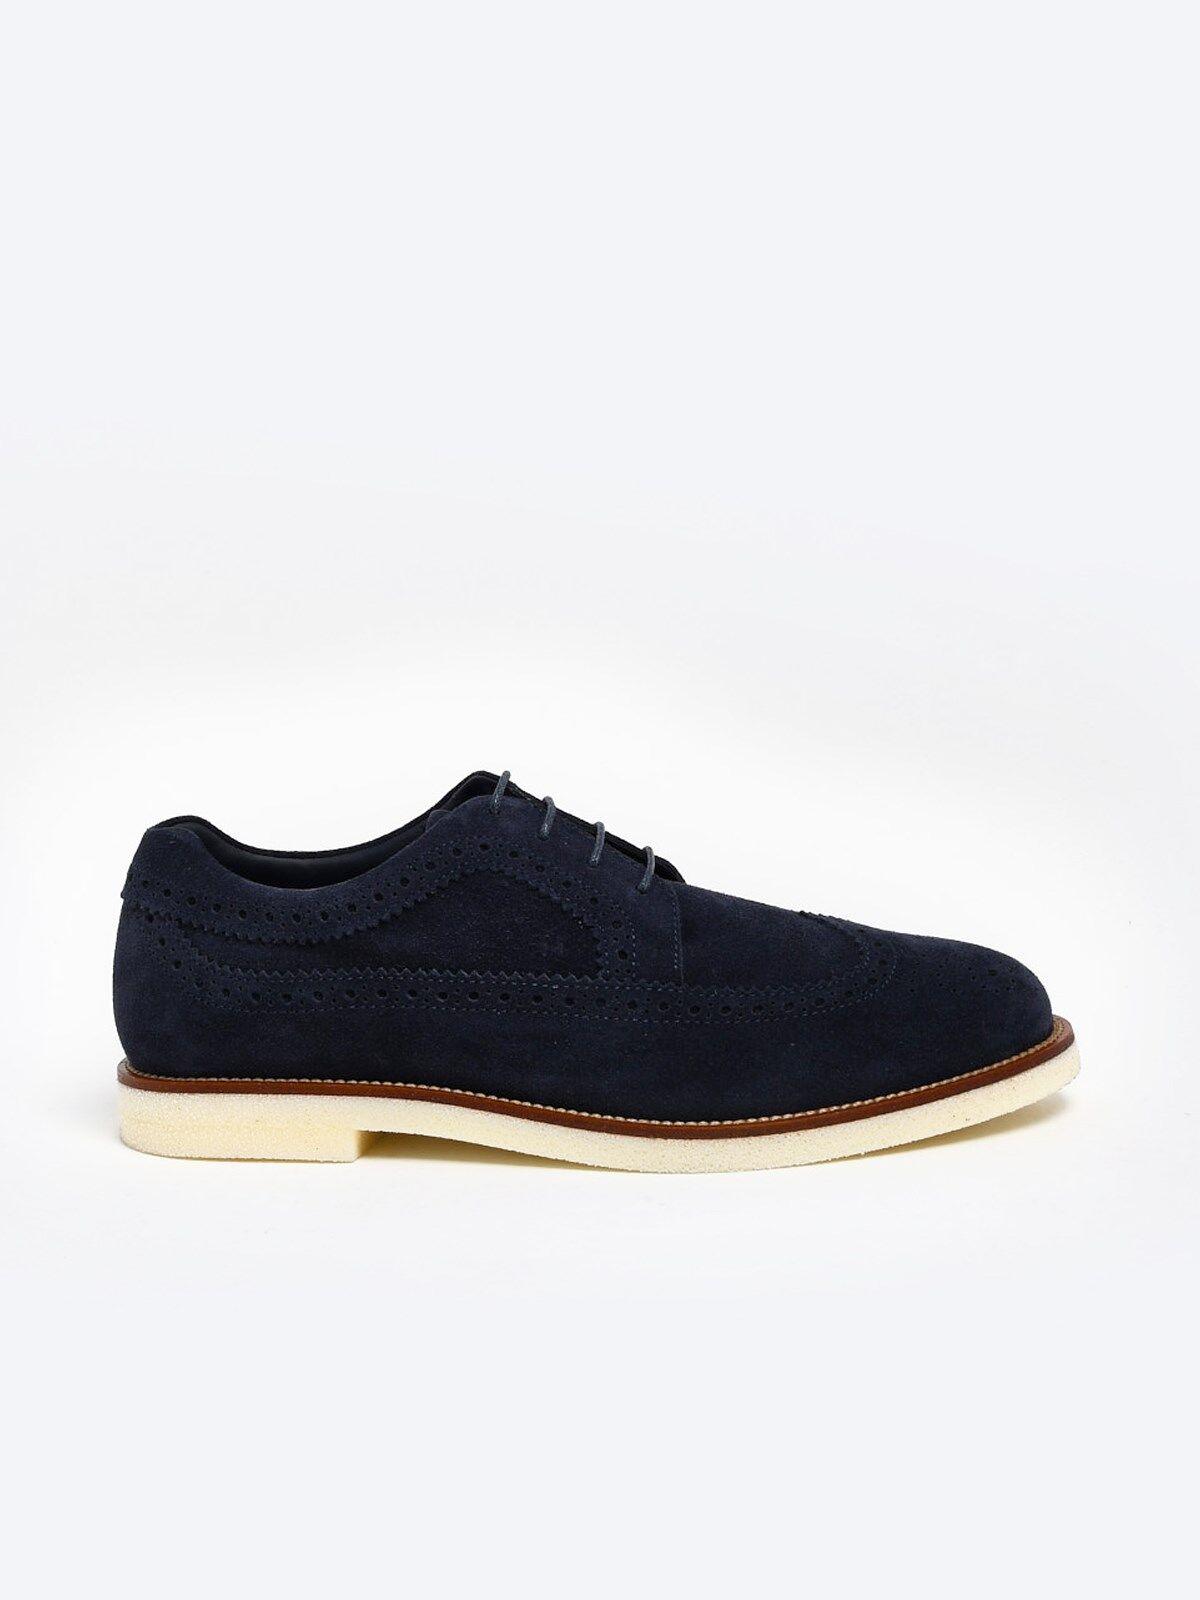 HOGAN Blue Shoes (size: UK 11)